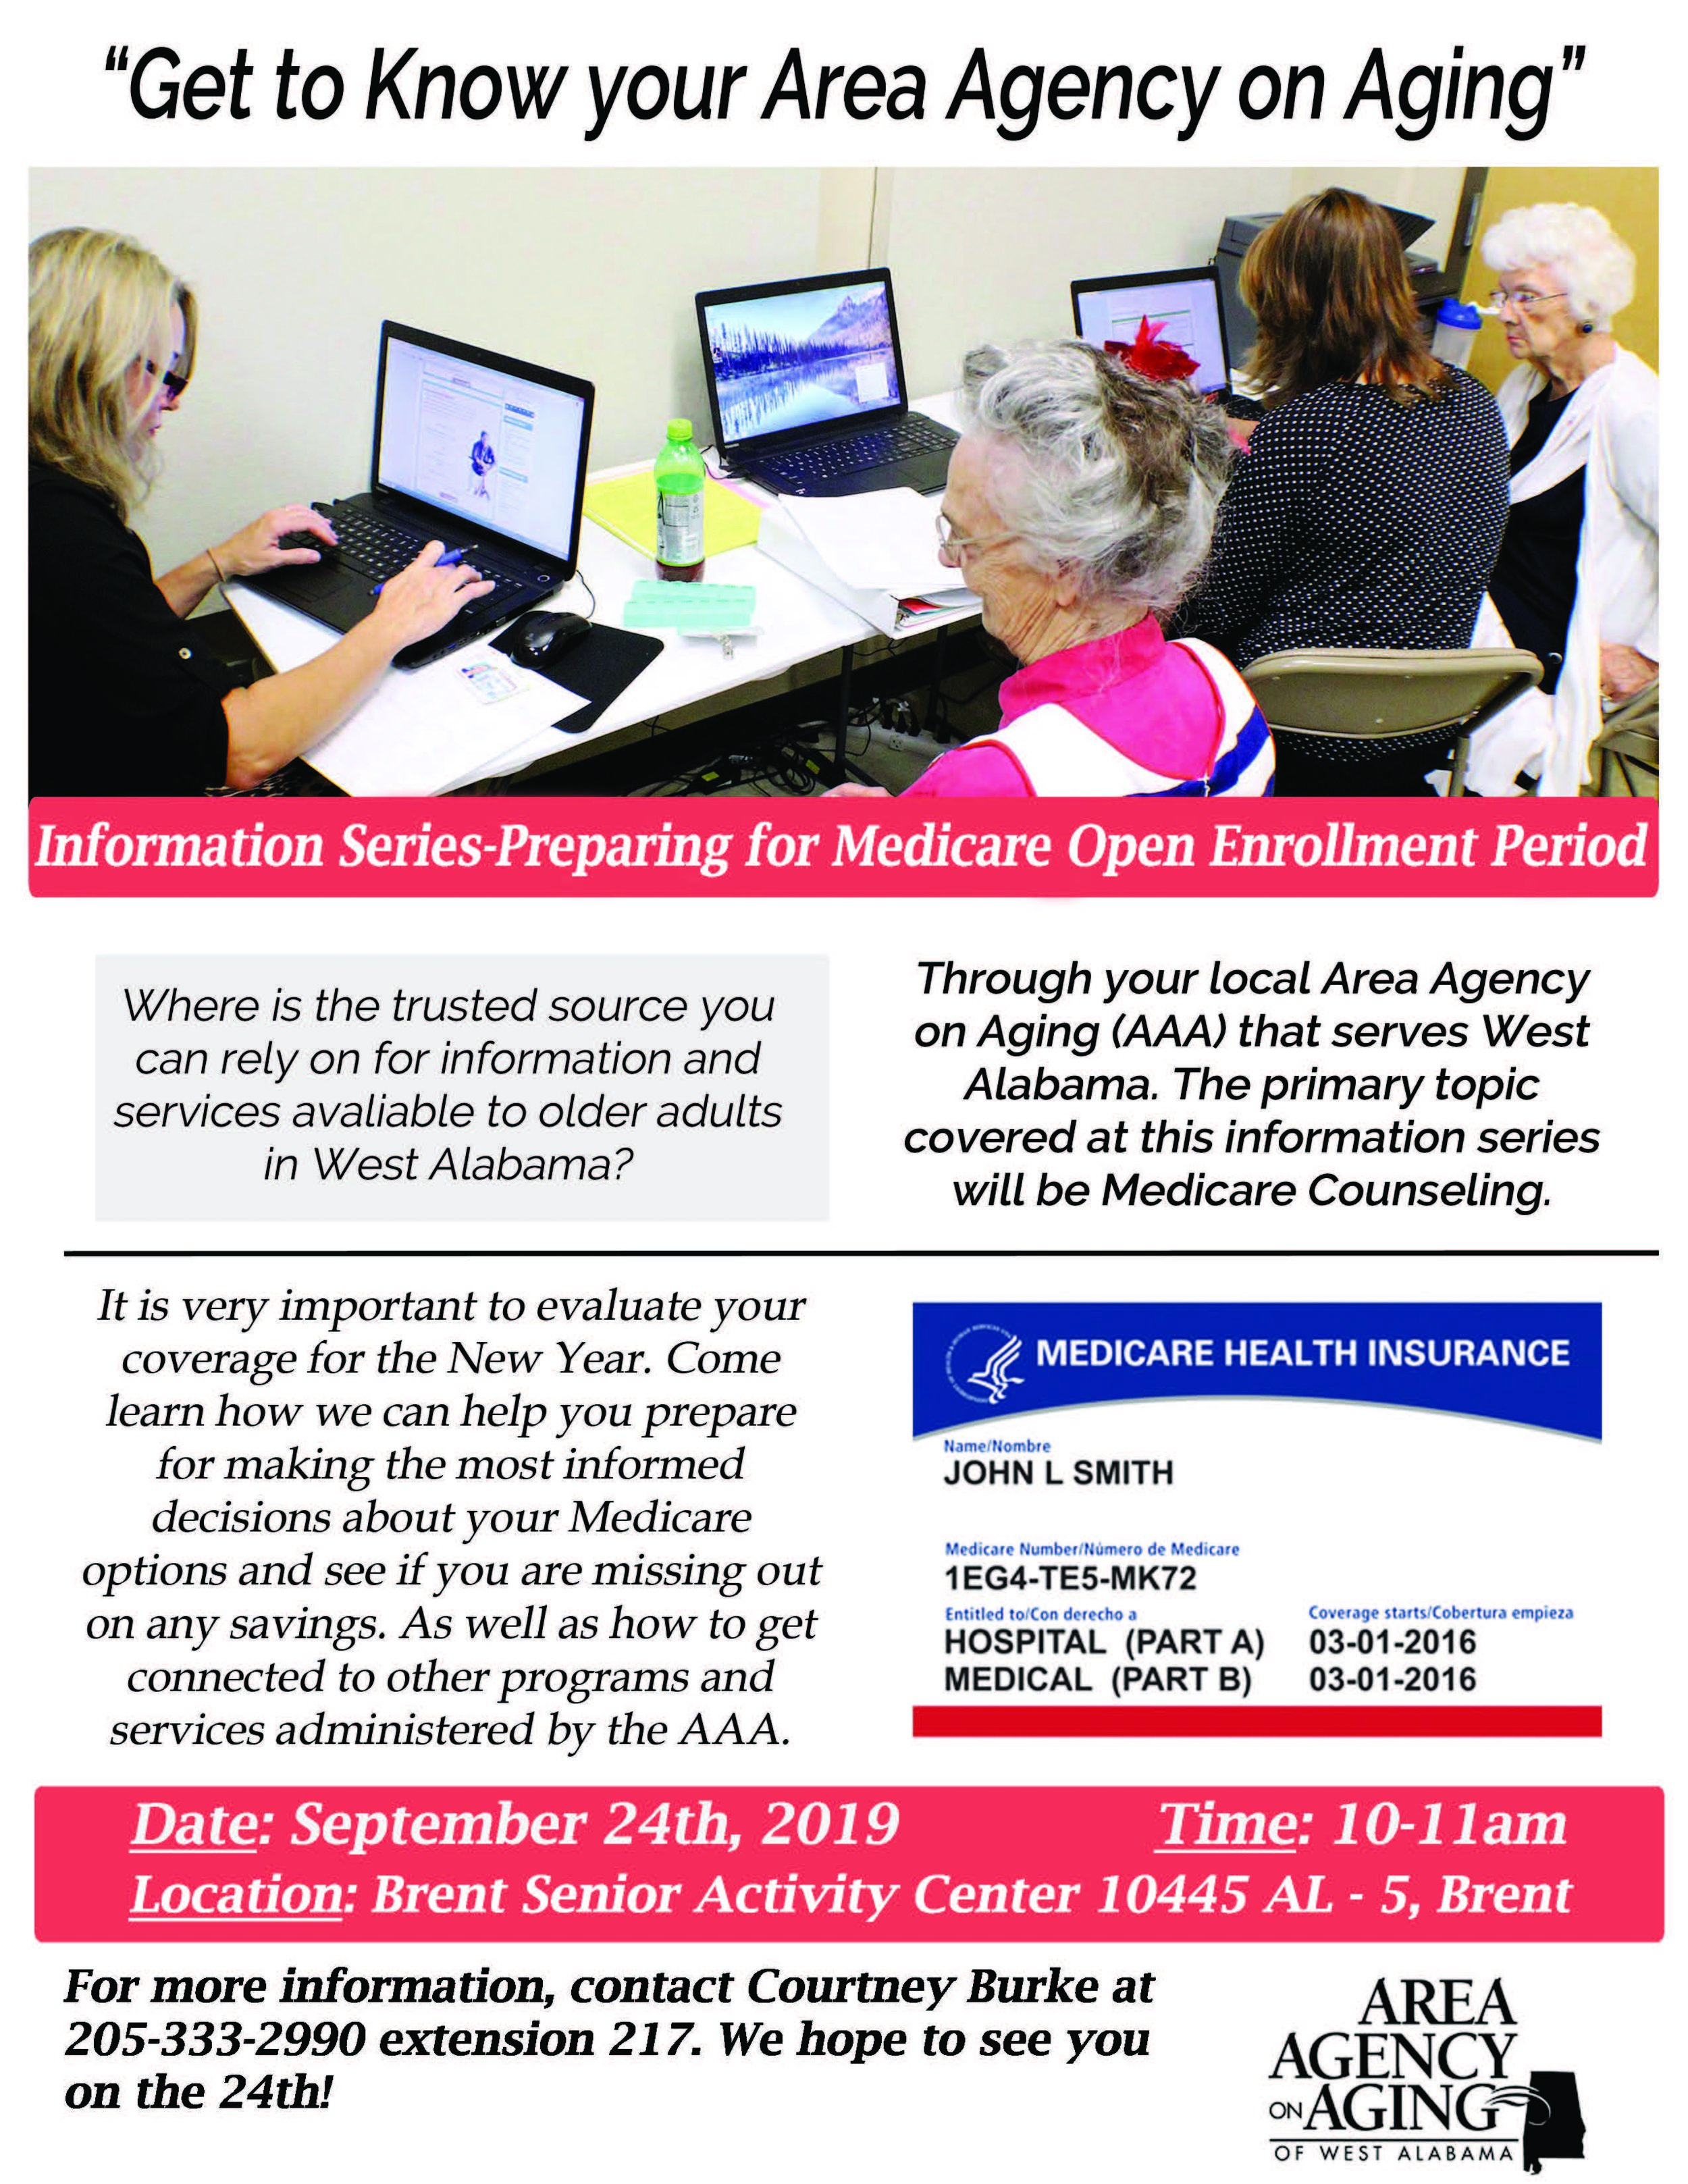 Medicare Counseling Flyer 2019 - Brent.jpg